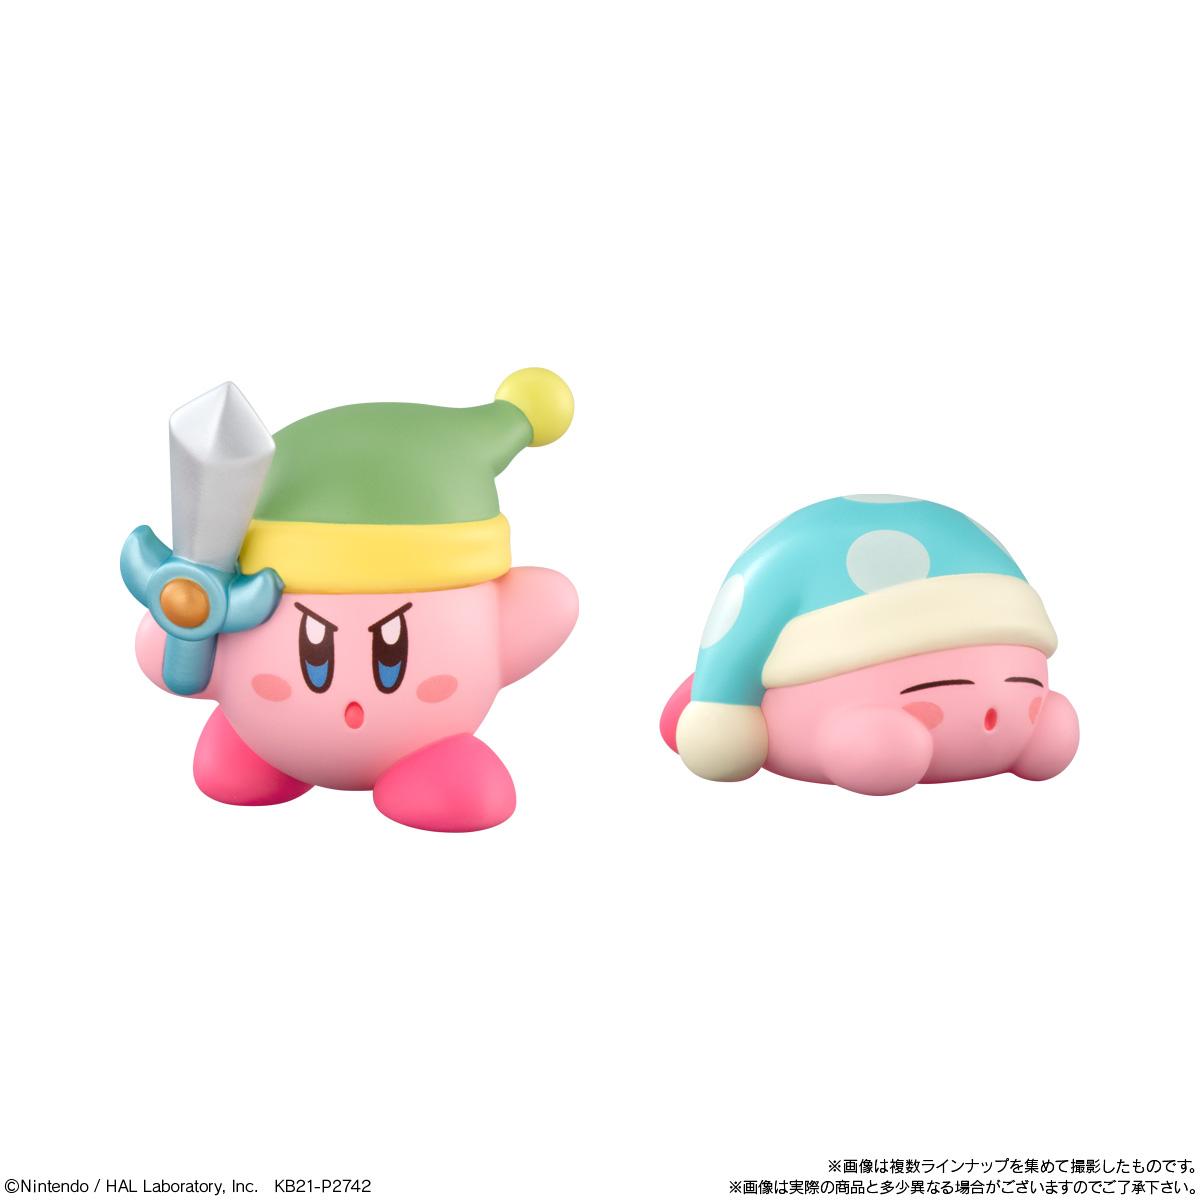 【食玩】星のカービィ『星のカービィ Kirby Friends(カービィフレンズ)』12個入りBOX-005